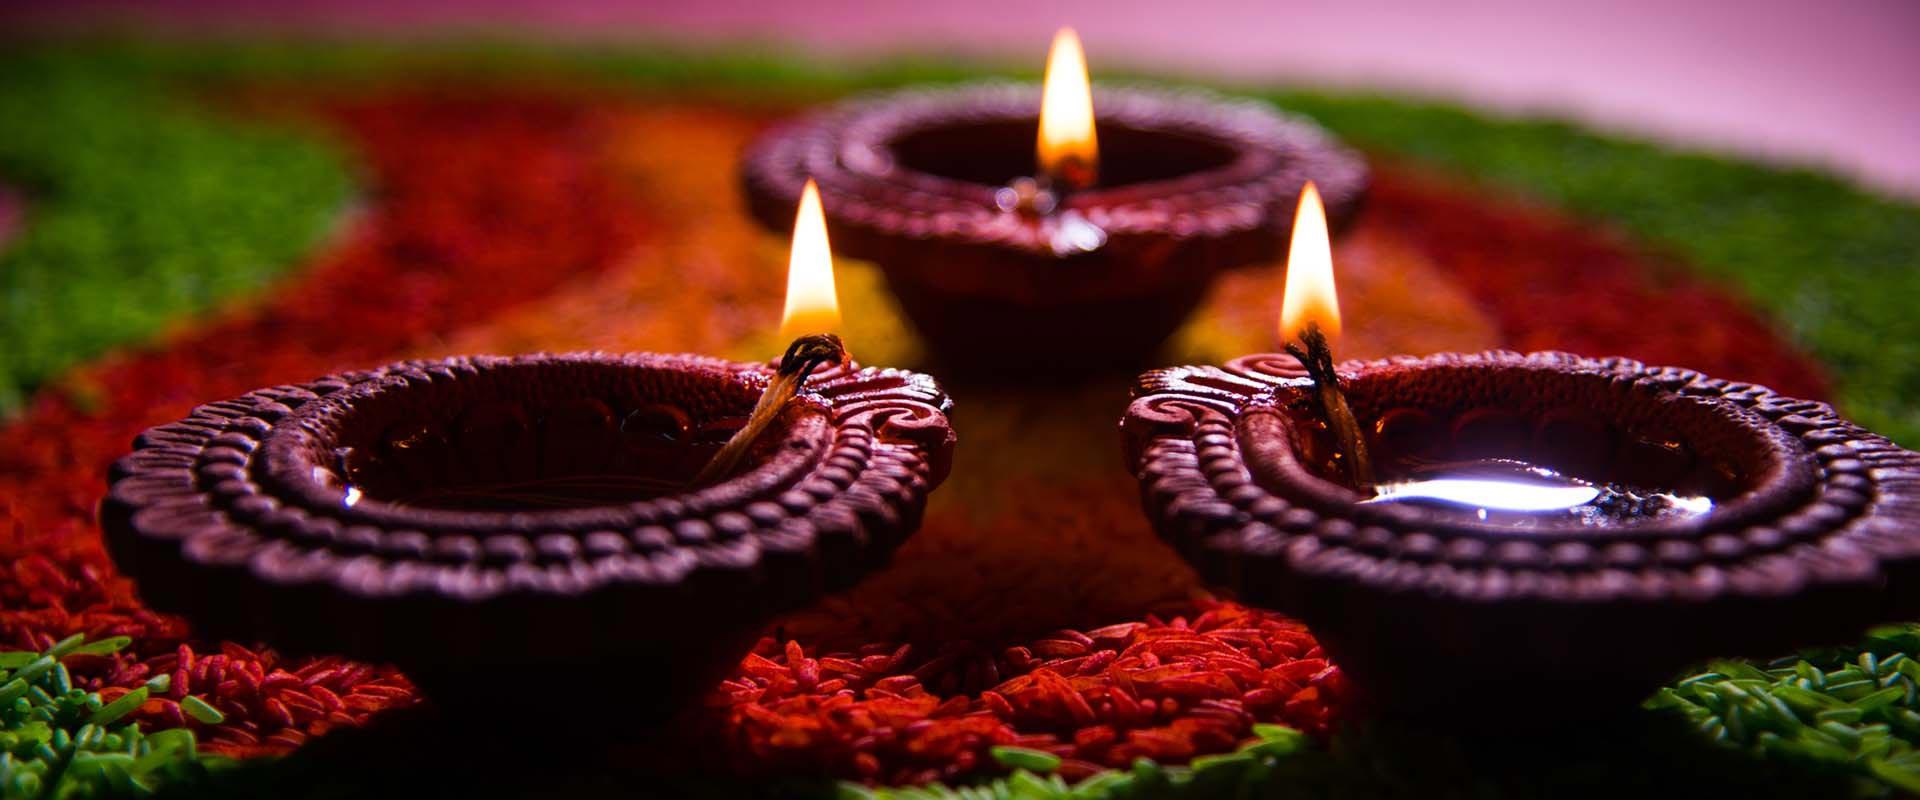 India Bank Holidays